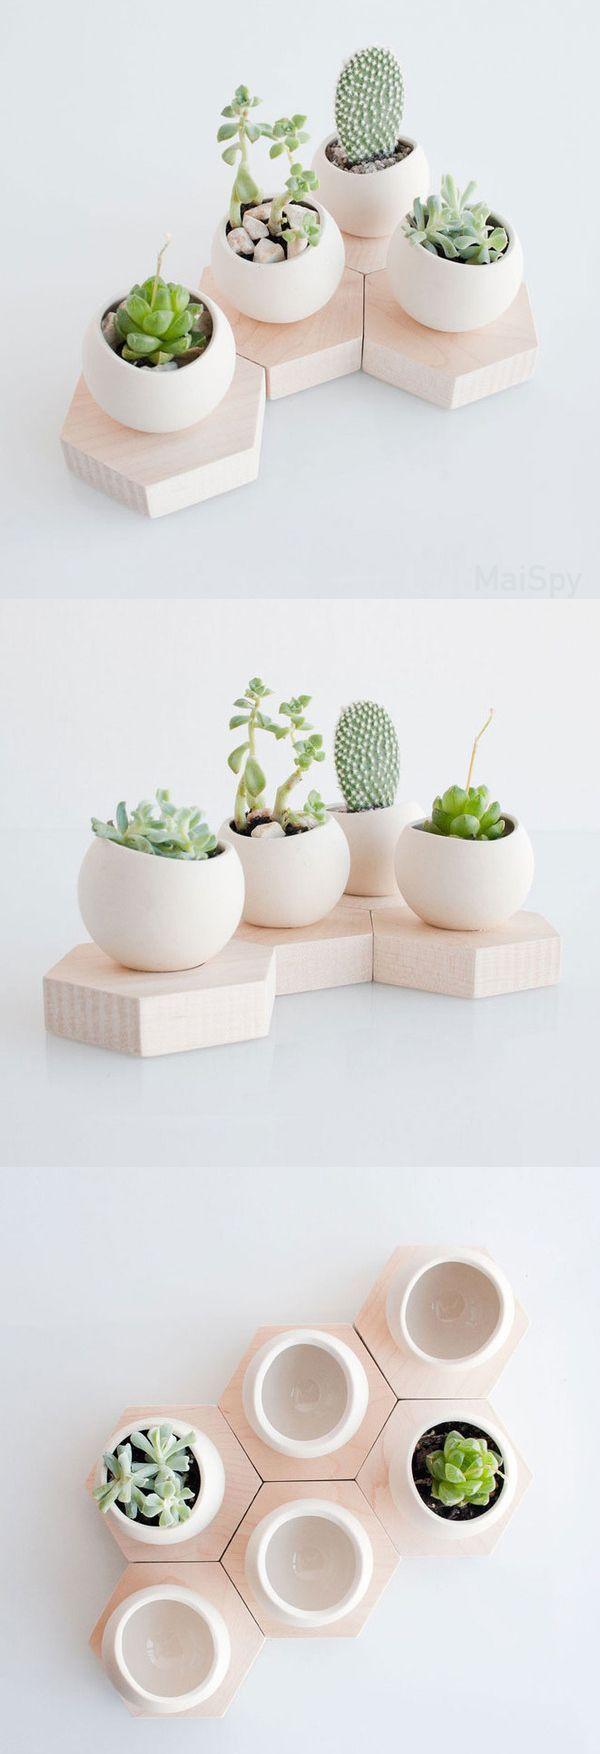 Cactus miniaturas